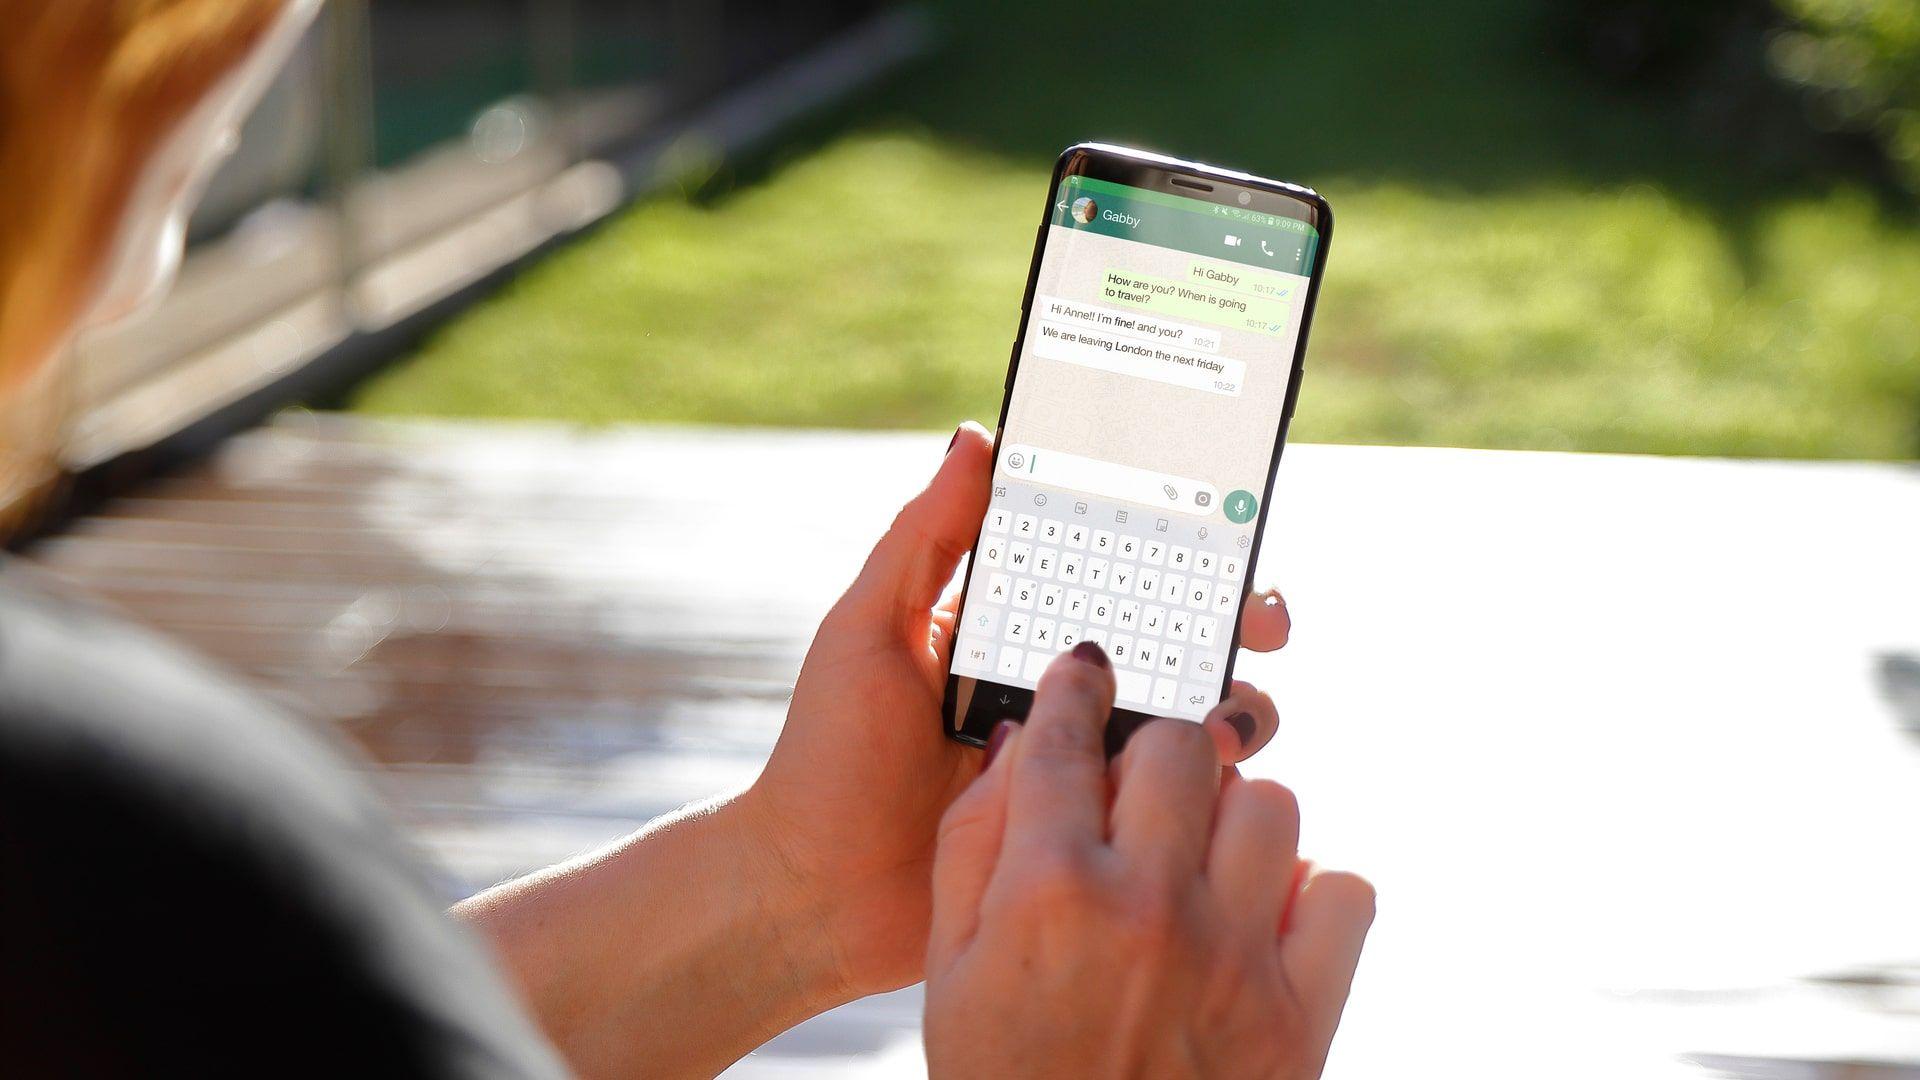 Como ter dois WhatsApp? Veja dicas para usar duas contas no mesmo celular (Foto: Shutterstock)